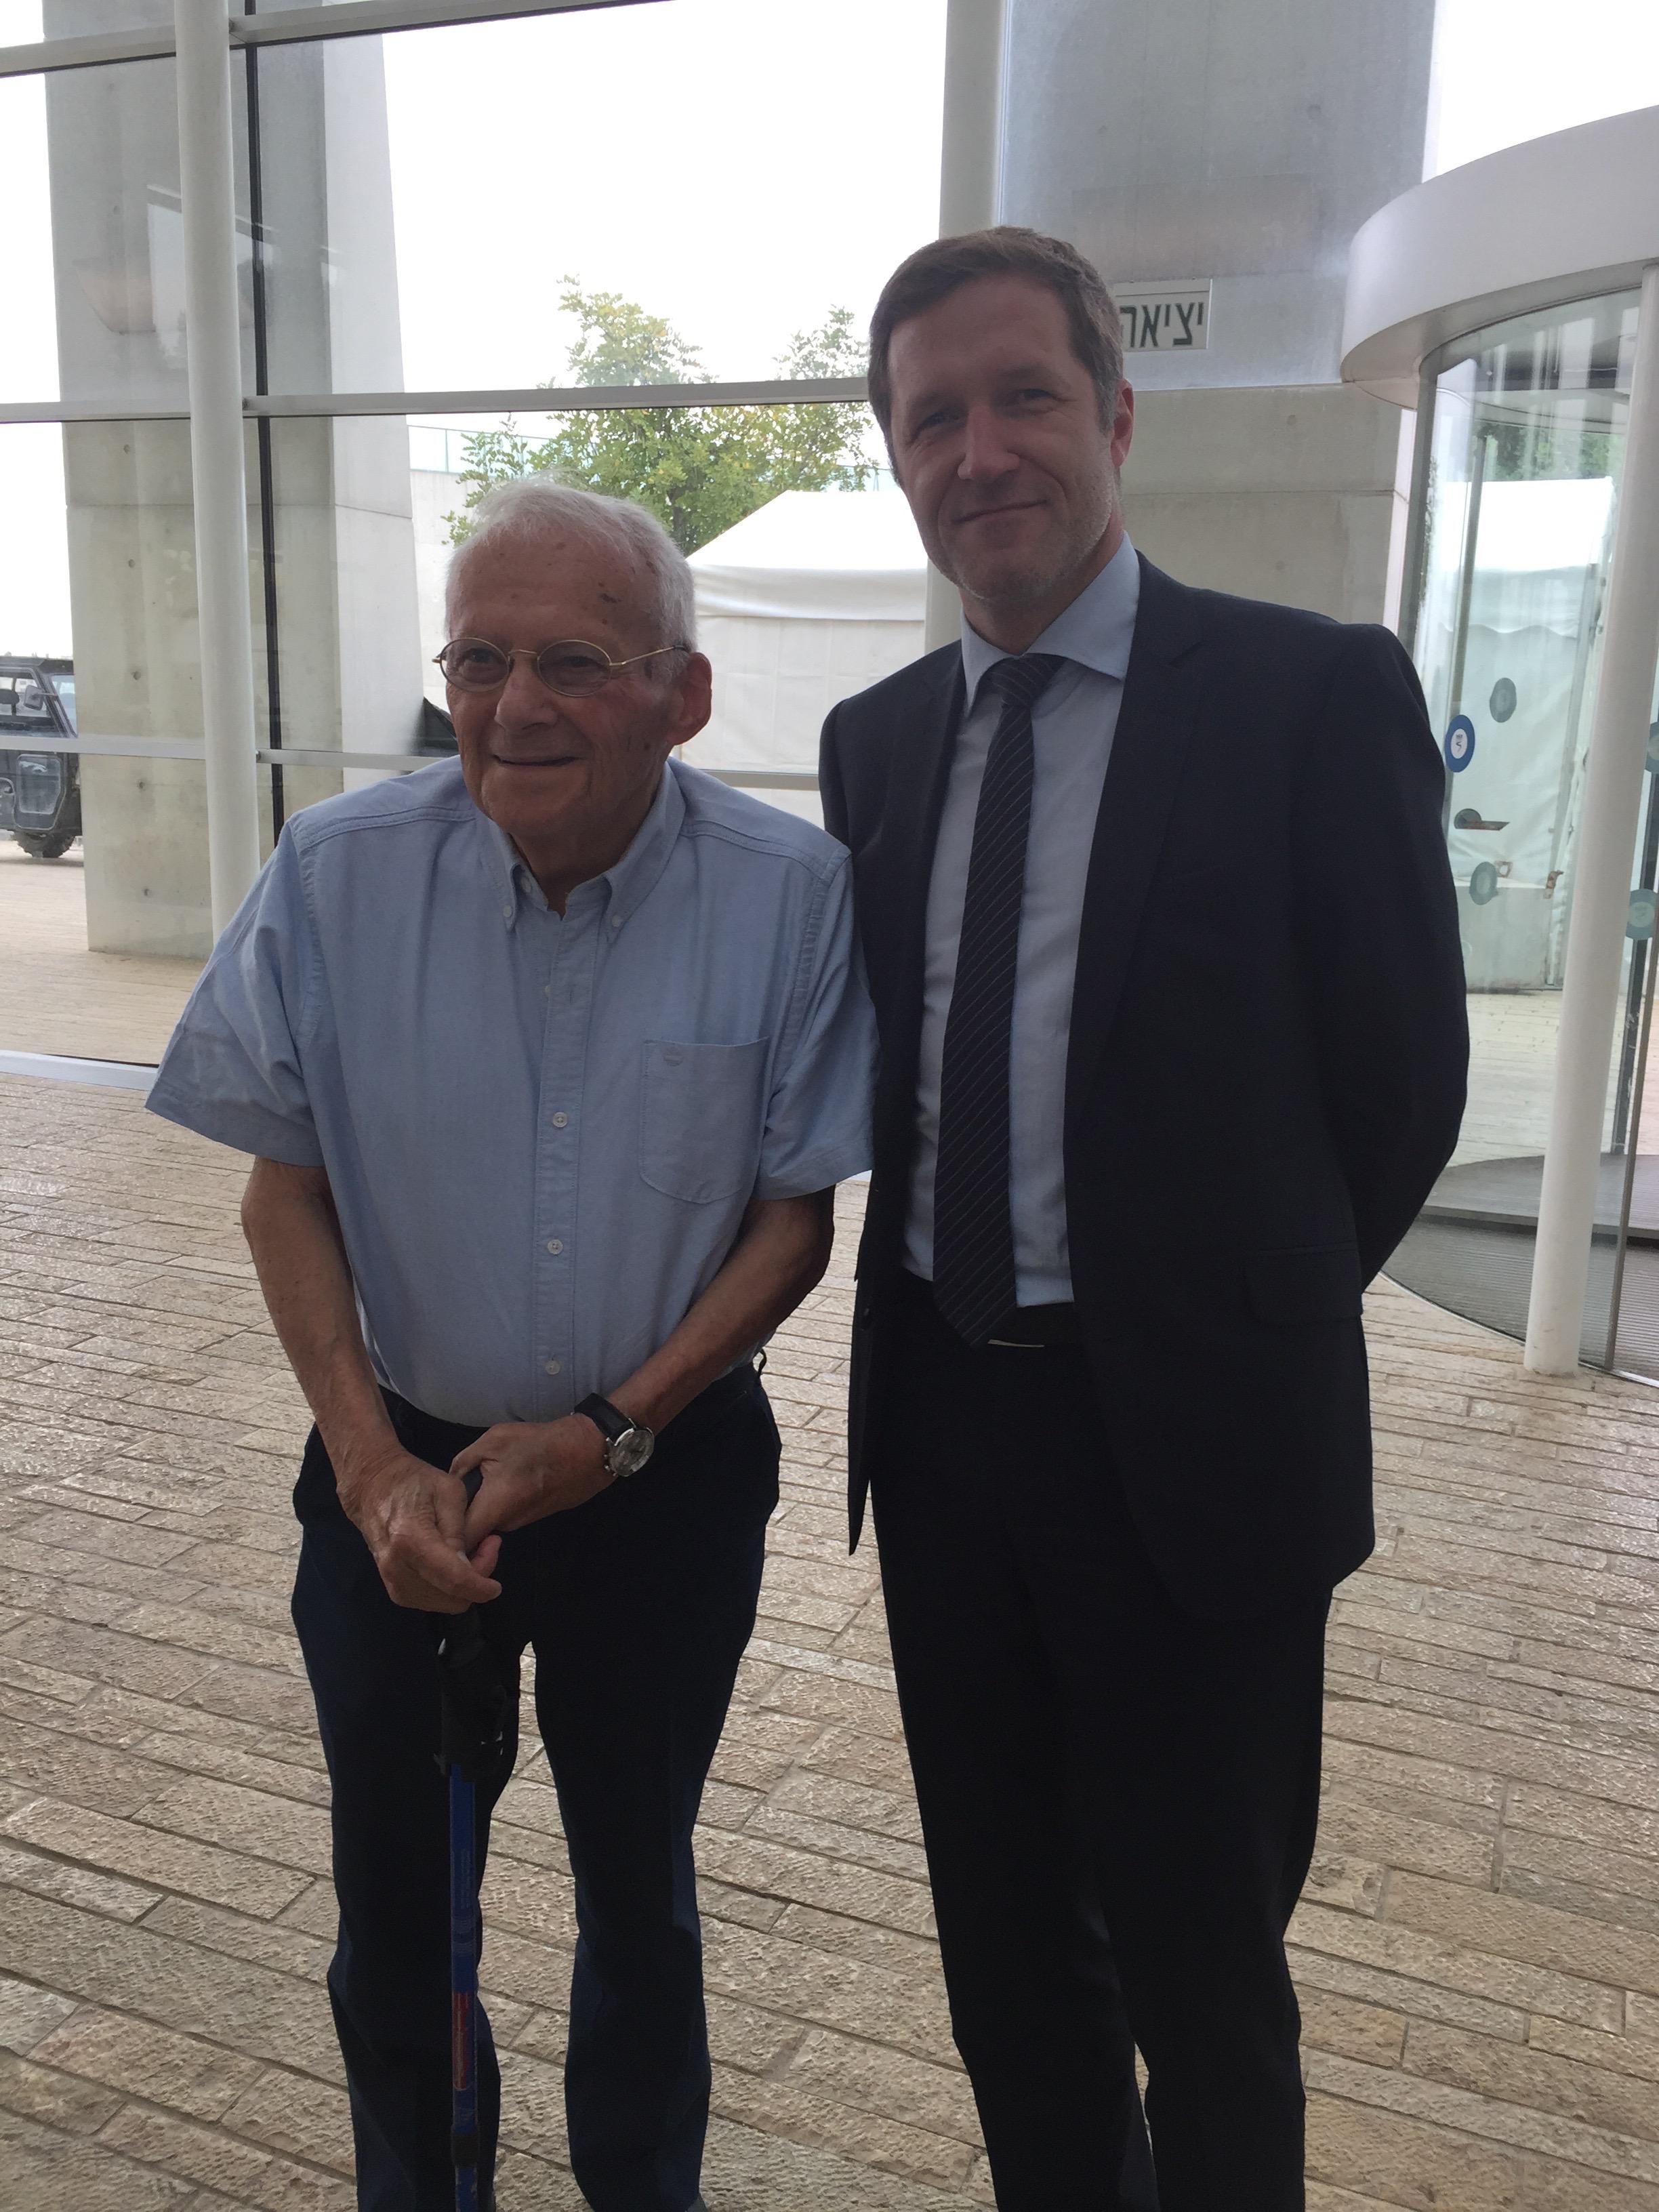 A Yad Vashem avec M. Wislitsky, survivant de la Shoah et originaire de Charleroi